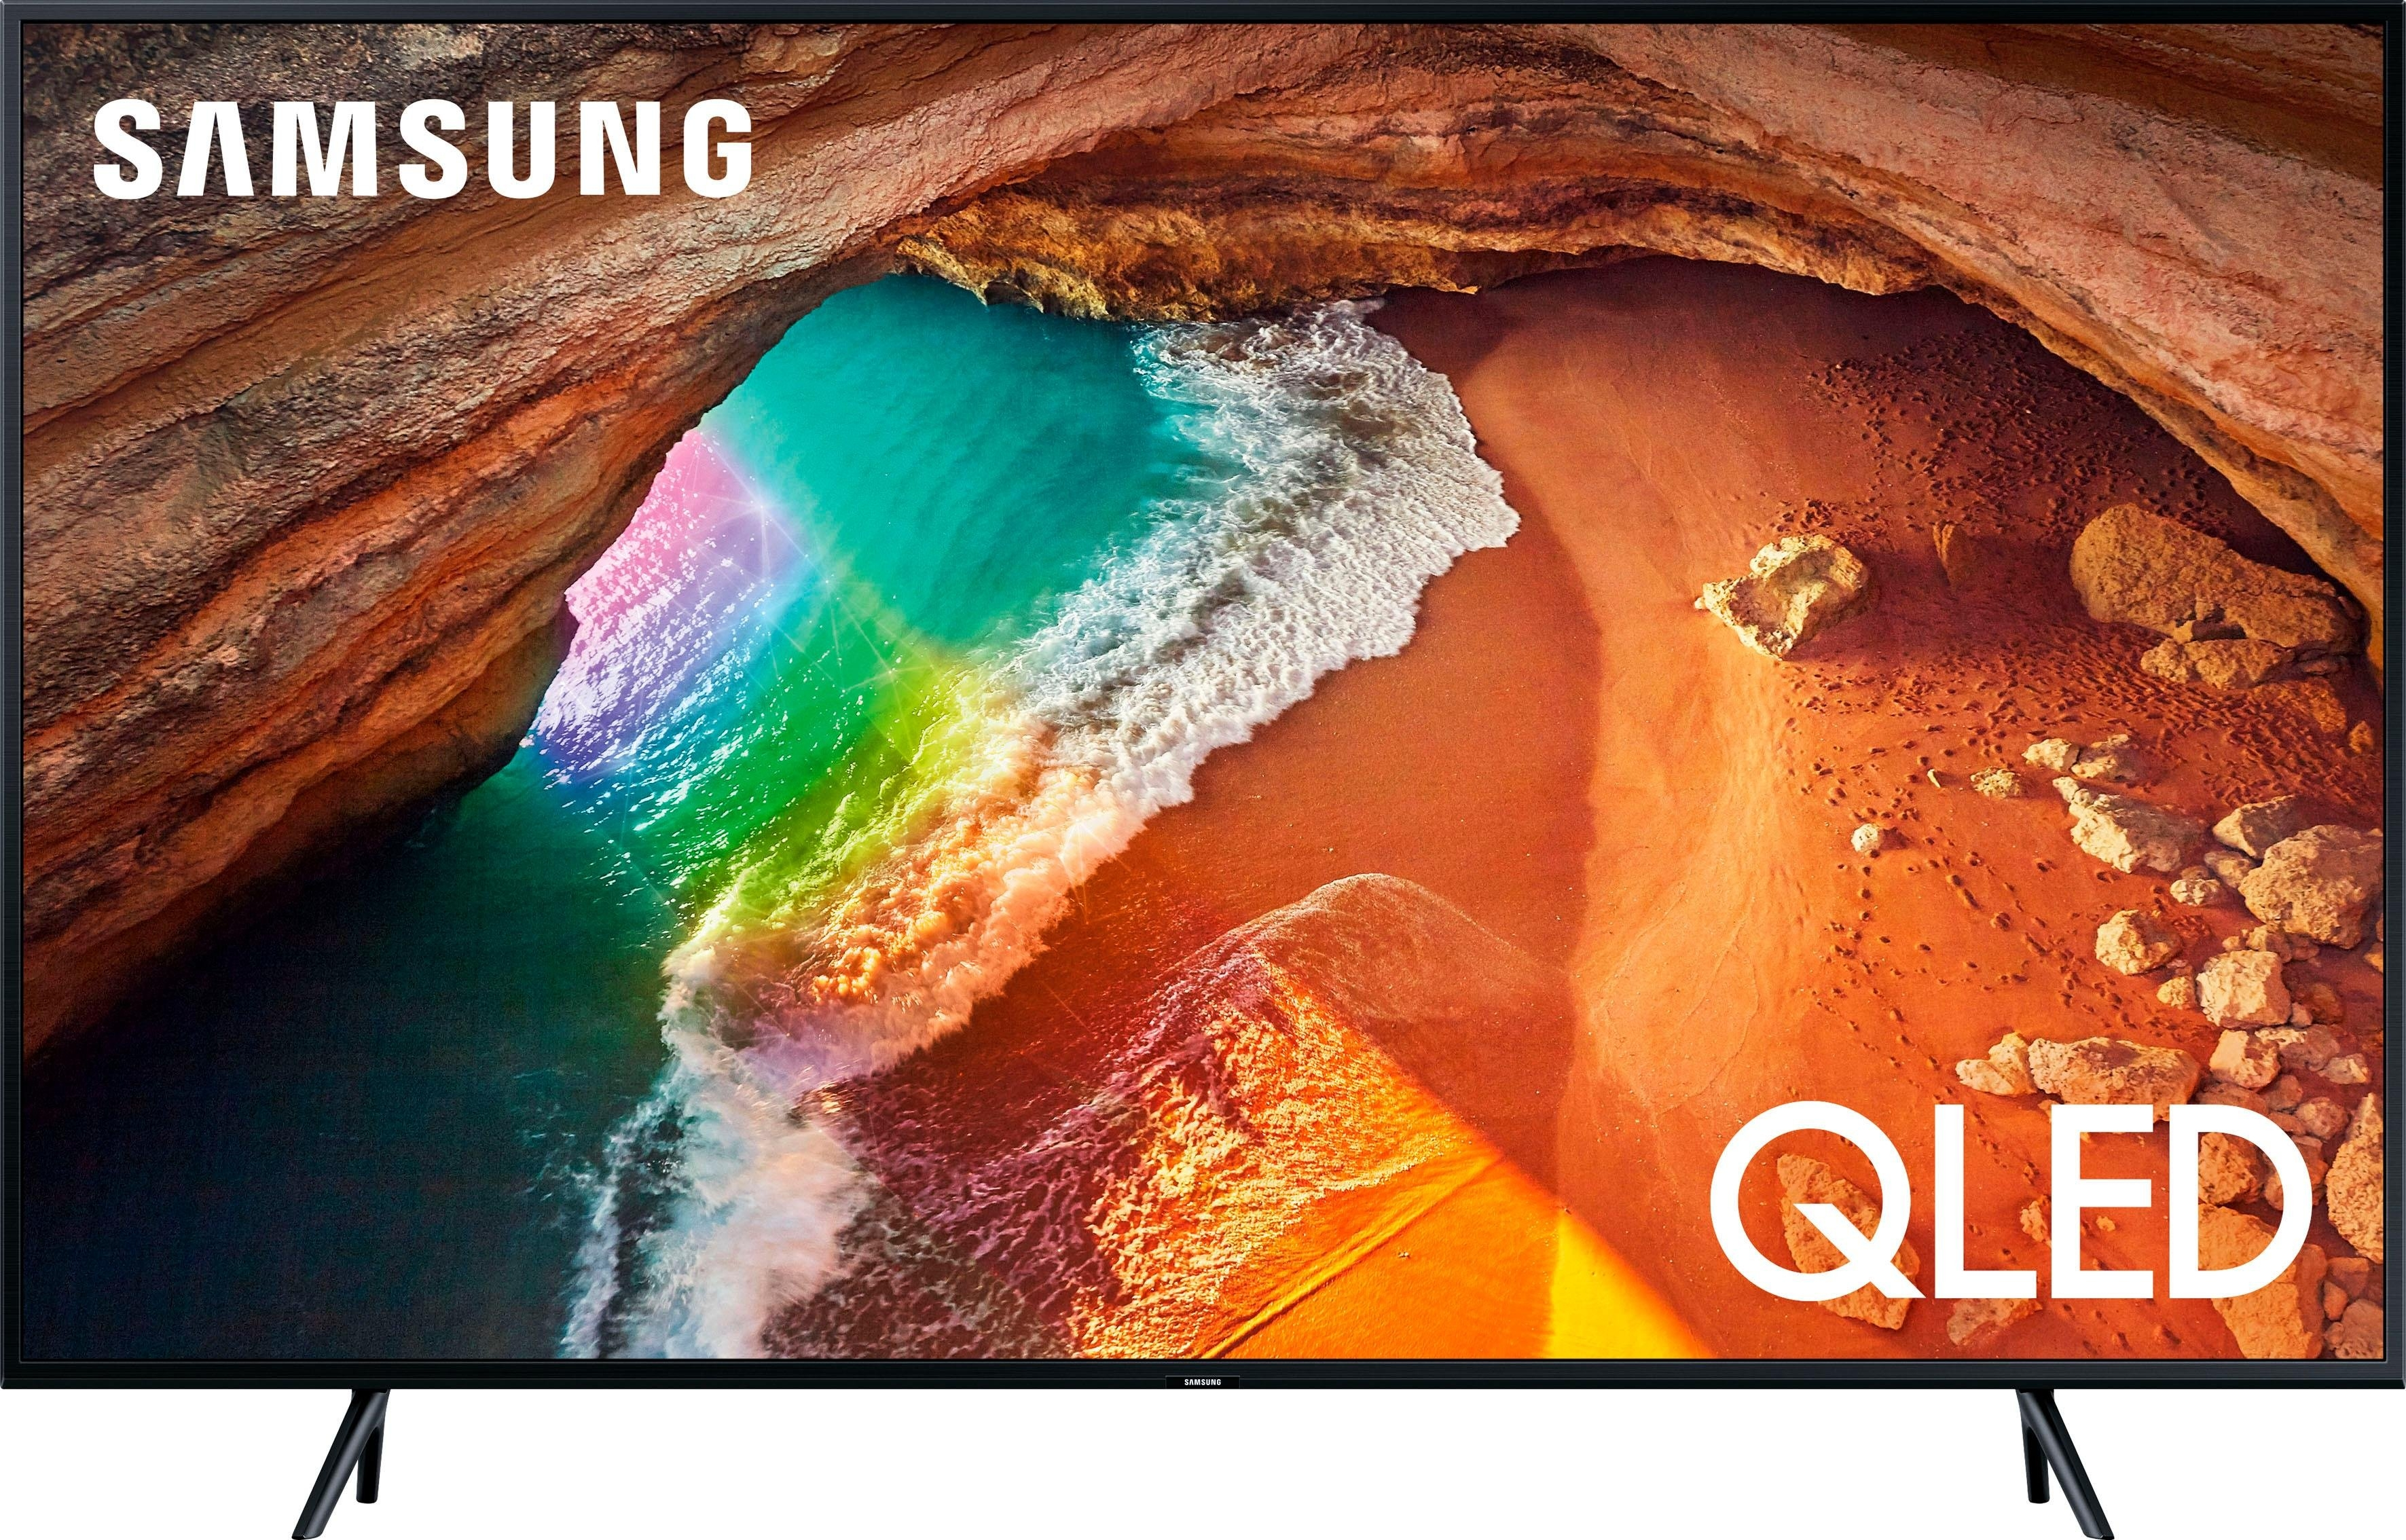 SAMSUNG GQ65Q60RGTXZG QLED-tv (163 cm / 65 inch), 4K Ultra HD, Smart-TV voordelig en veilig online kopen